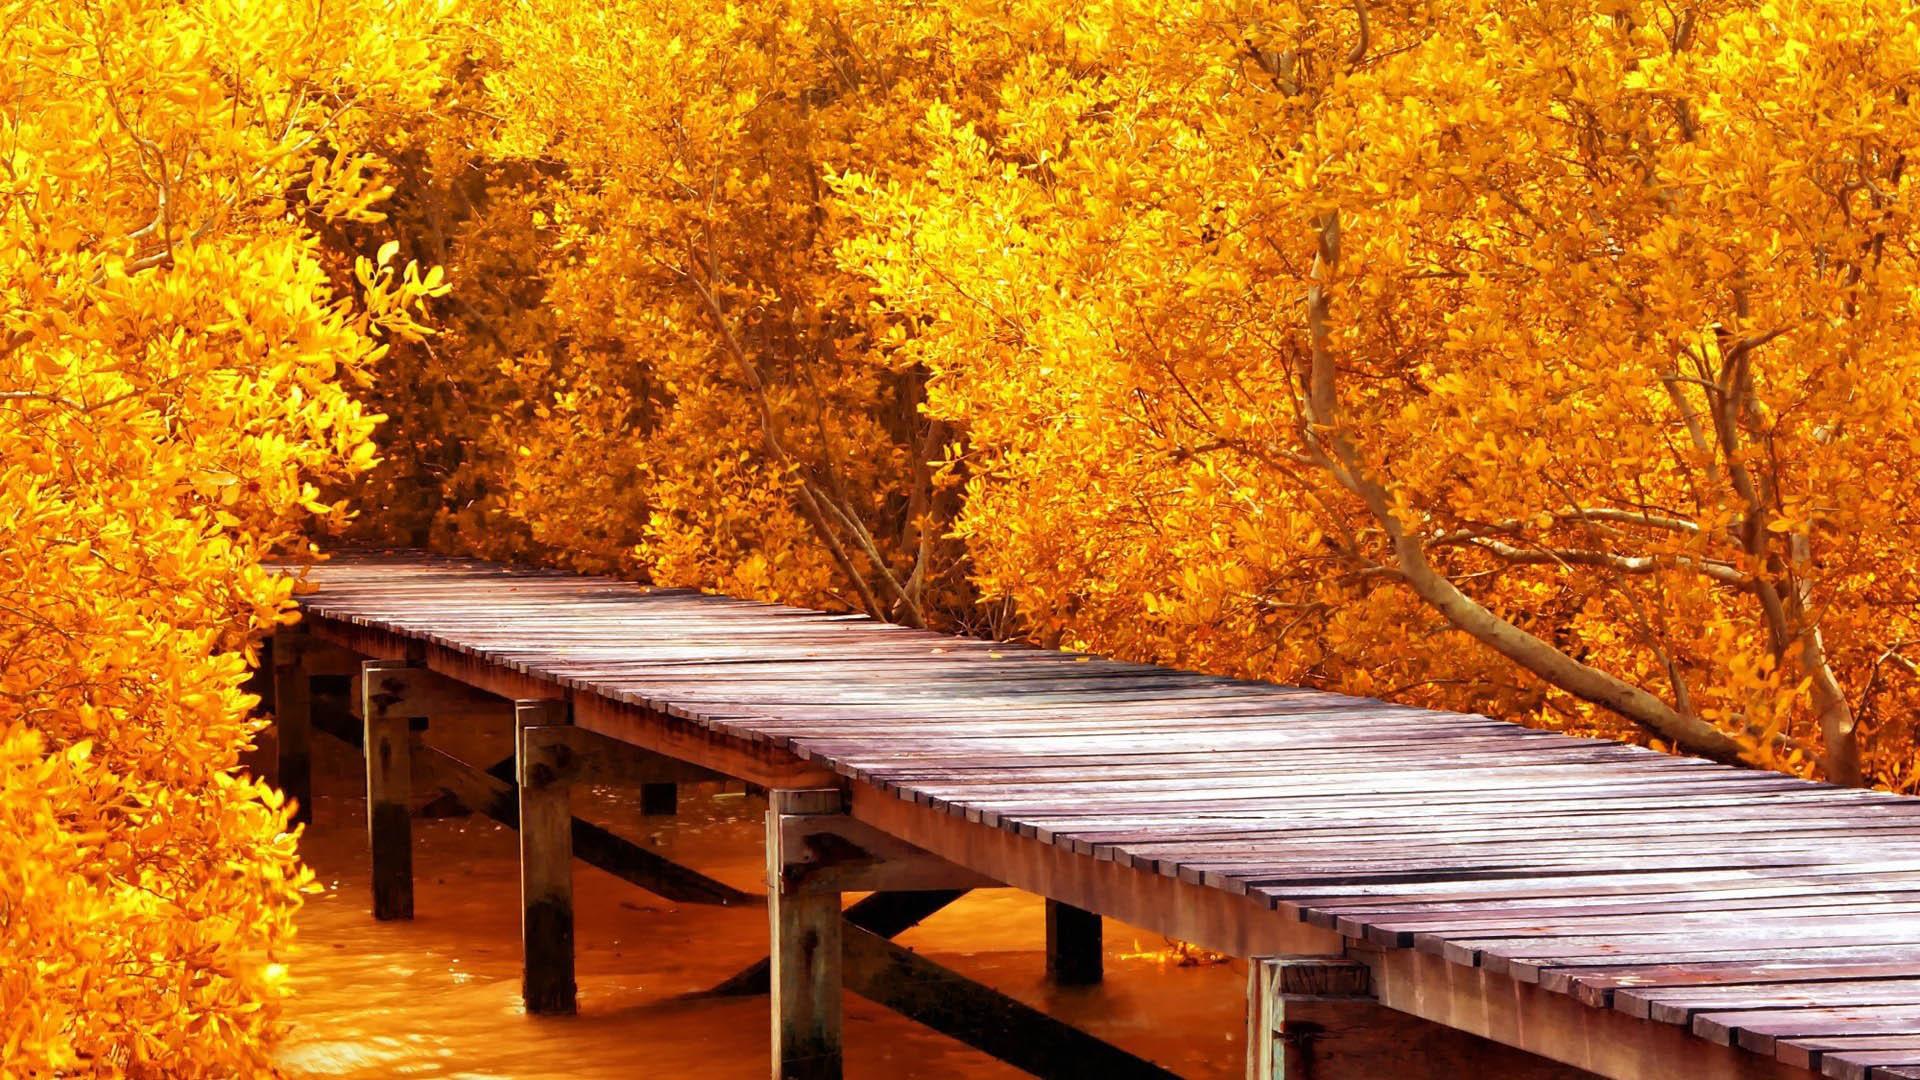 Красивые обои осени на рабочий стол - скачать бесплатно, подборка 9